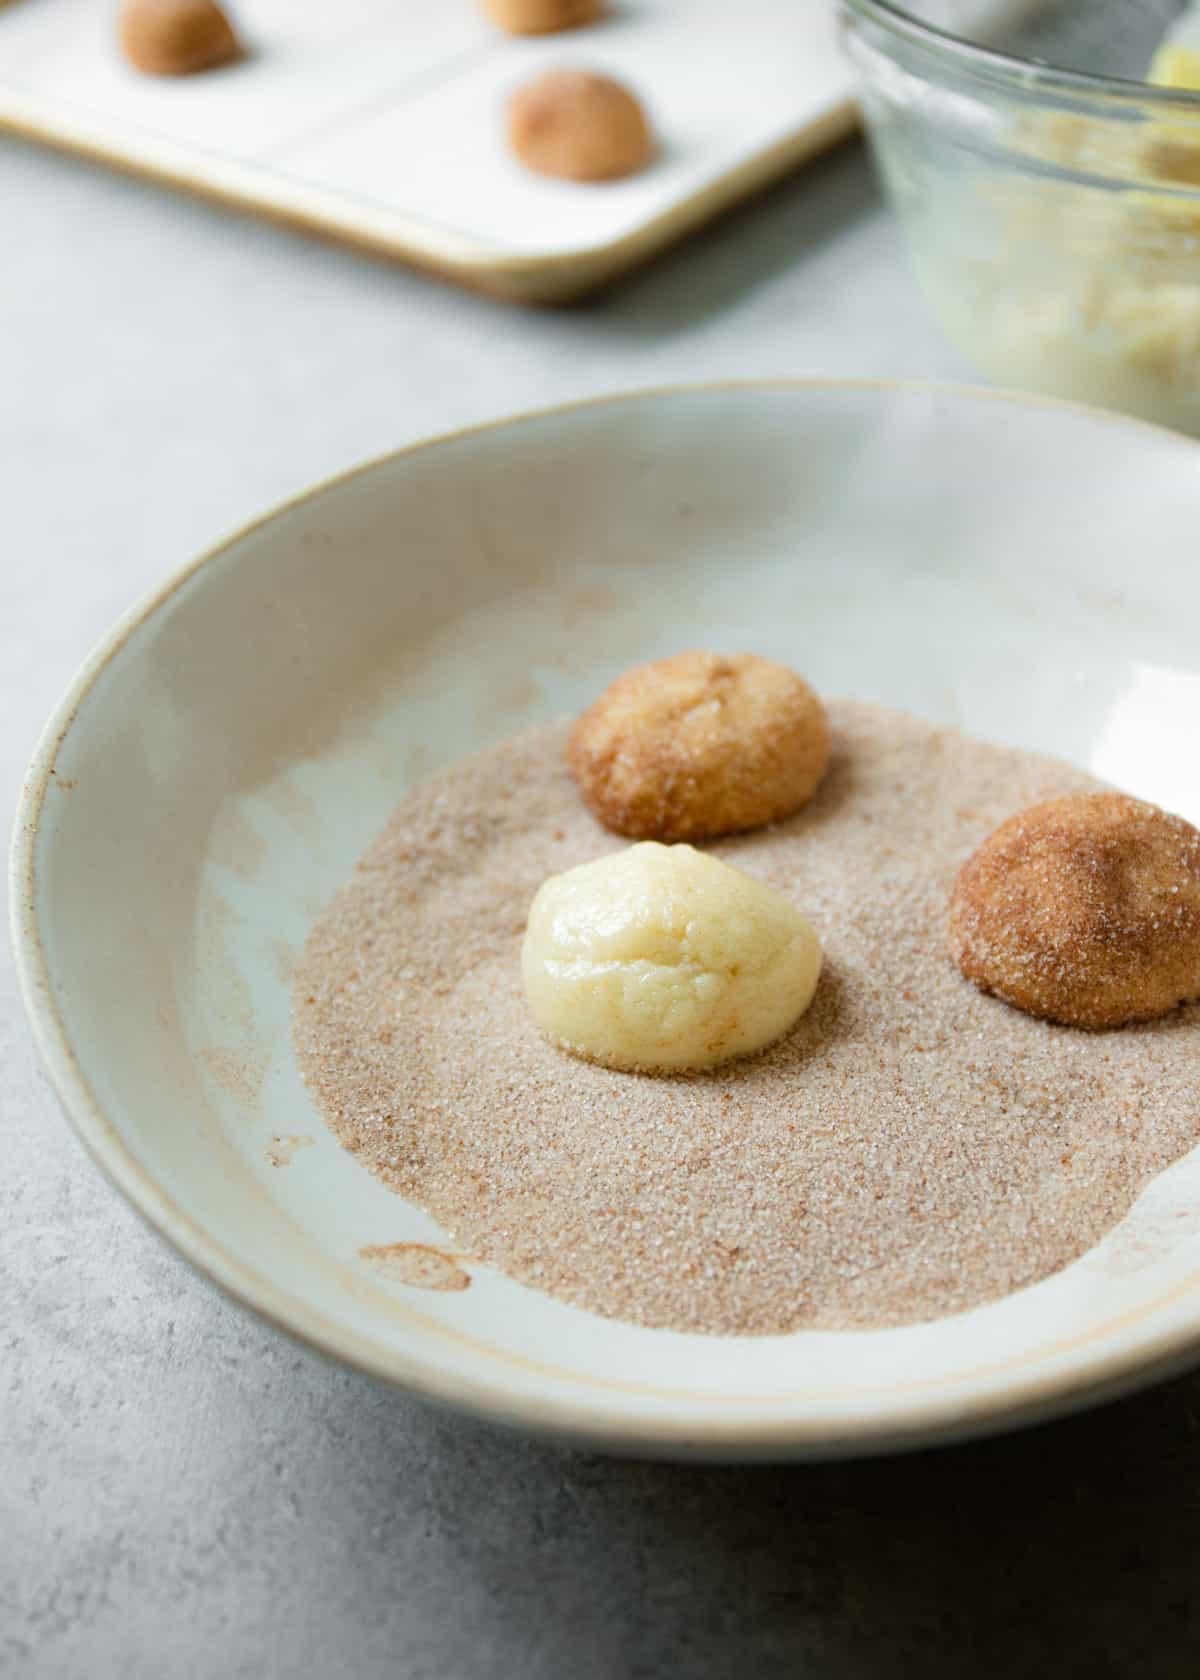 rolling cookie batter in cinnamon sugar